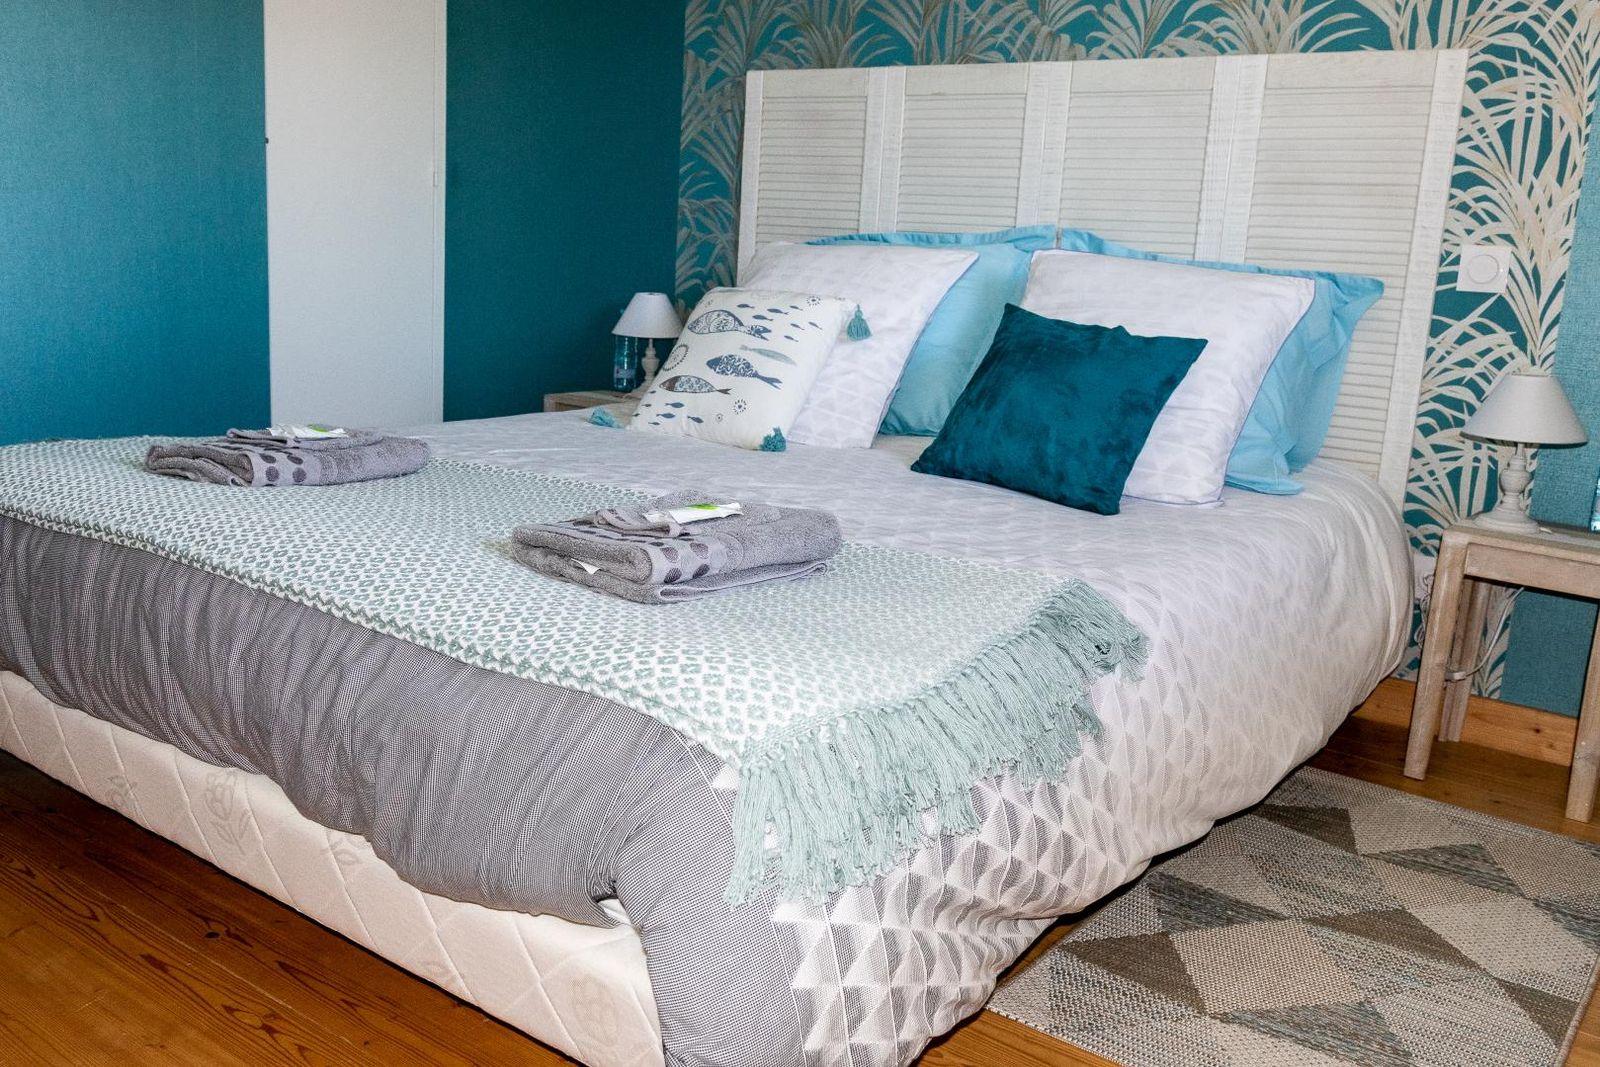 Chambre 4 équipée d'un lit double 160x200